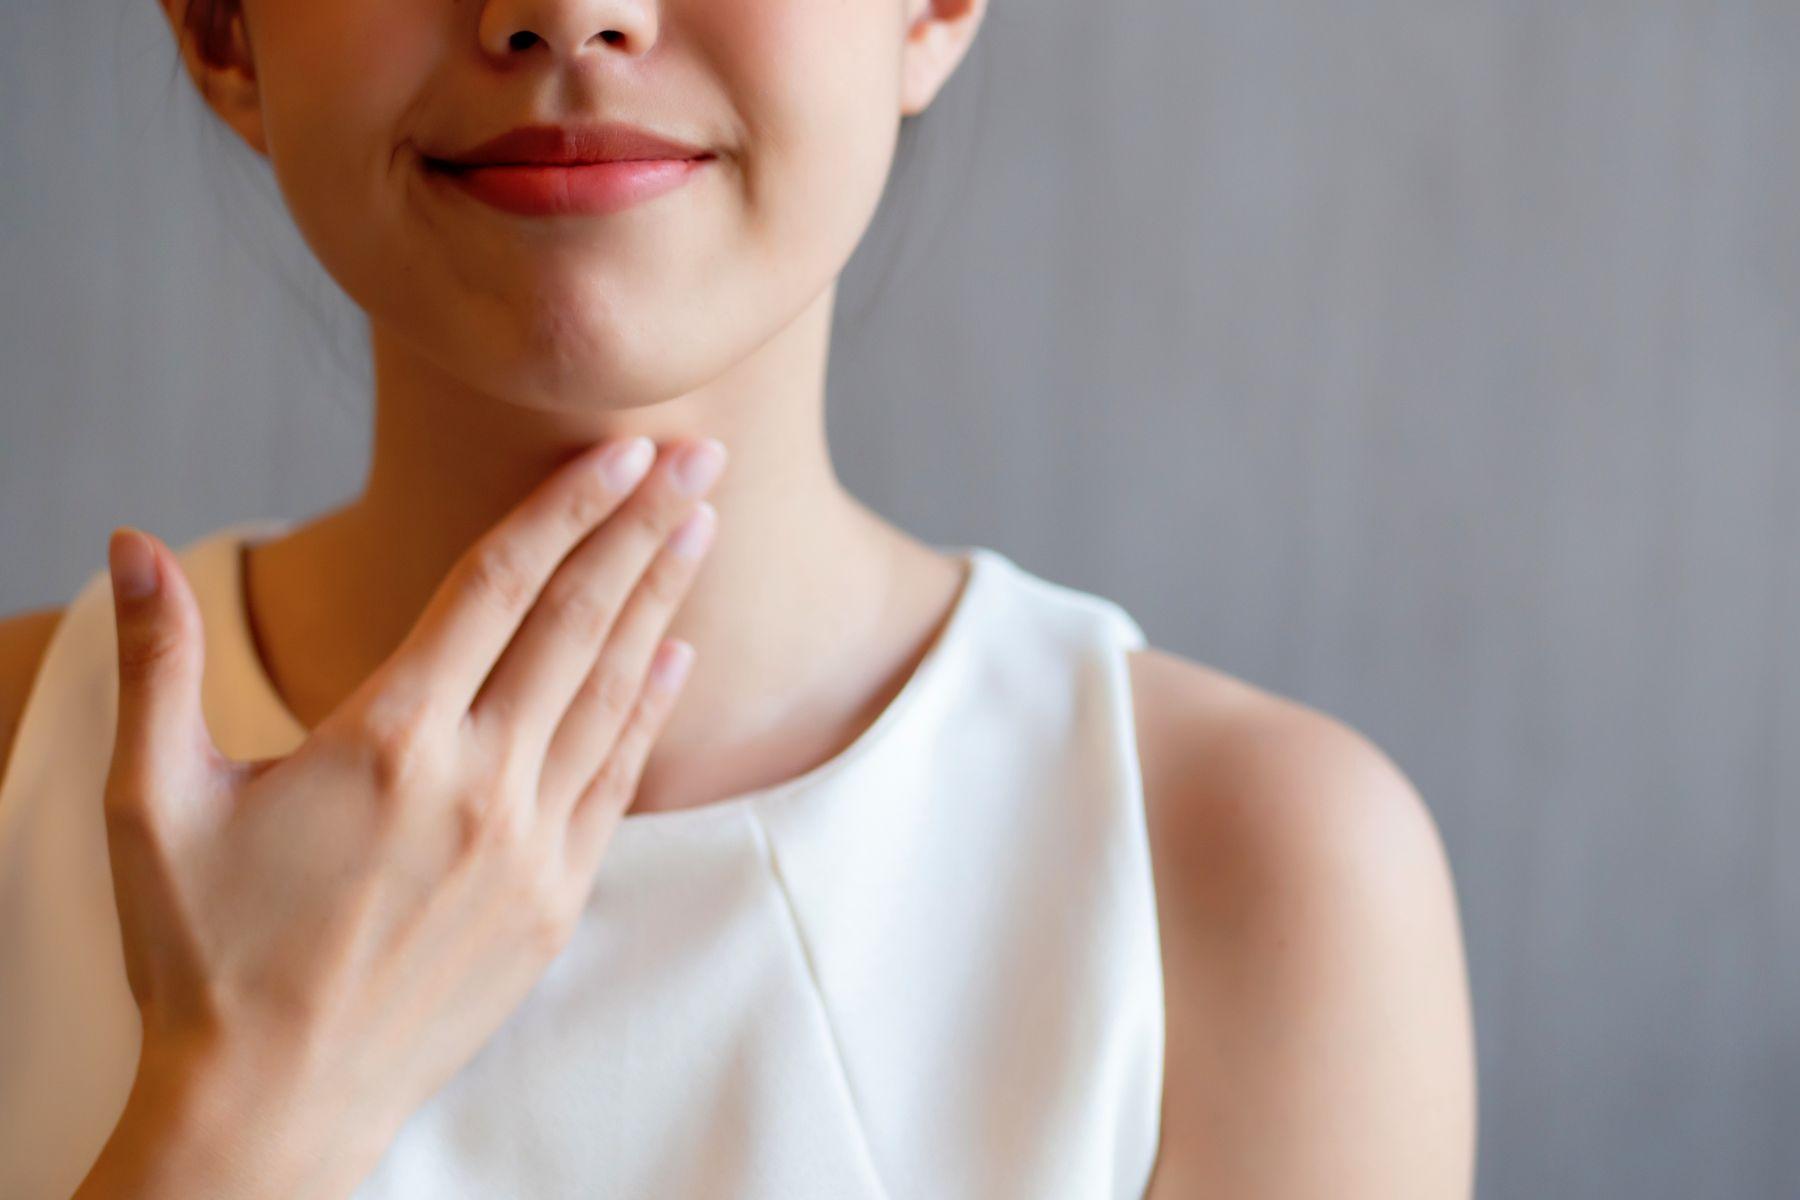 喉嚨卡卡是癌症腫瘤、胃食道逆流、喉部囊腫?出現3大警訊,當心已食道癌晚期